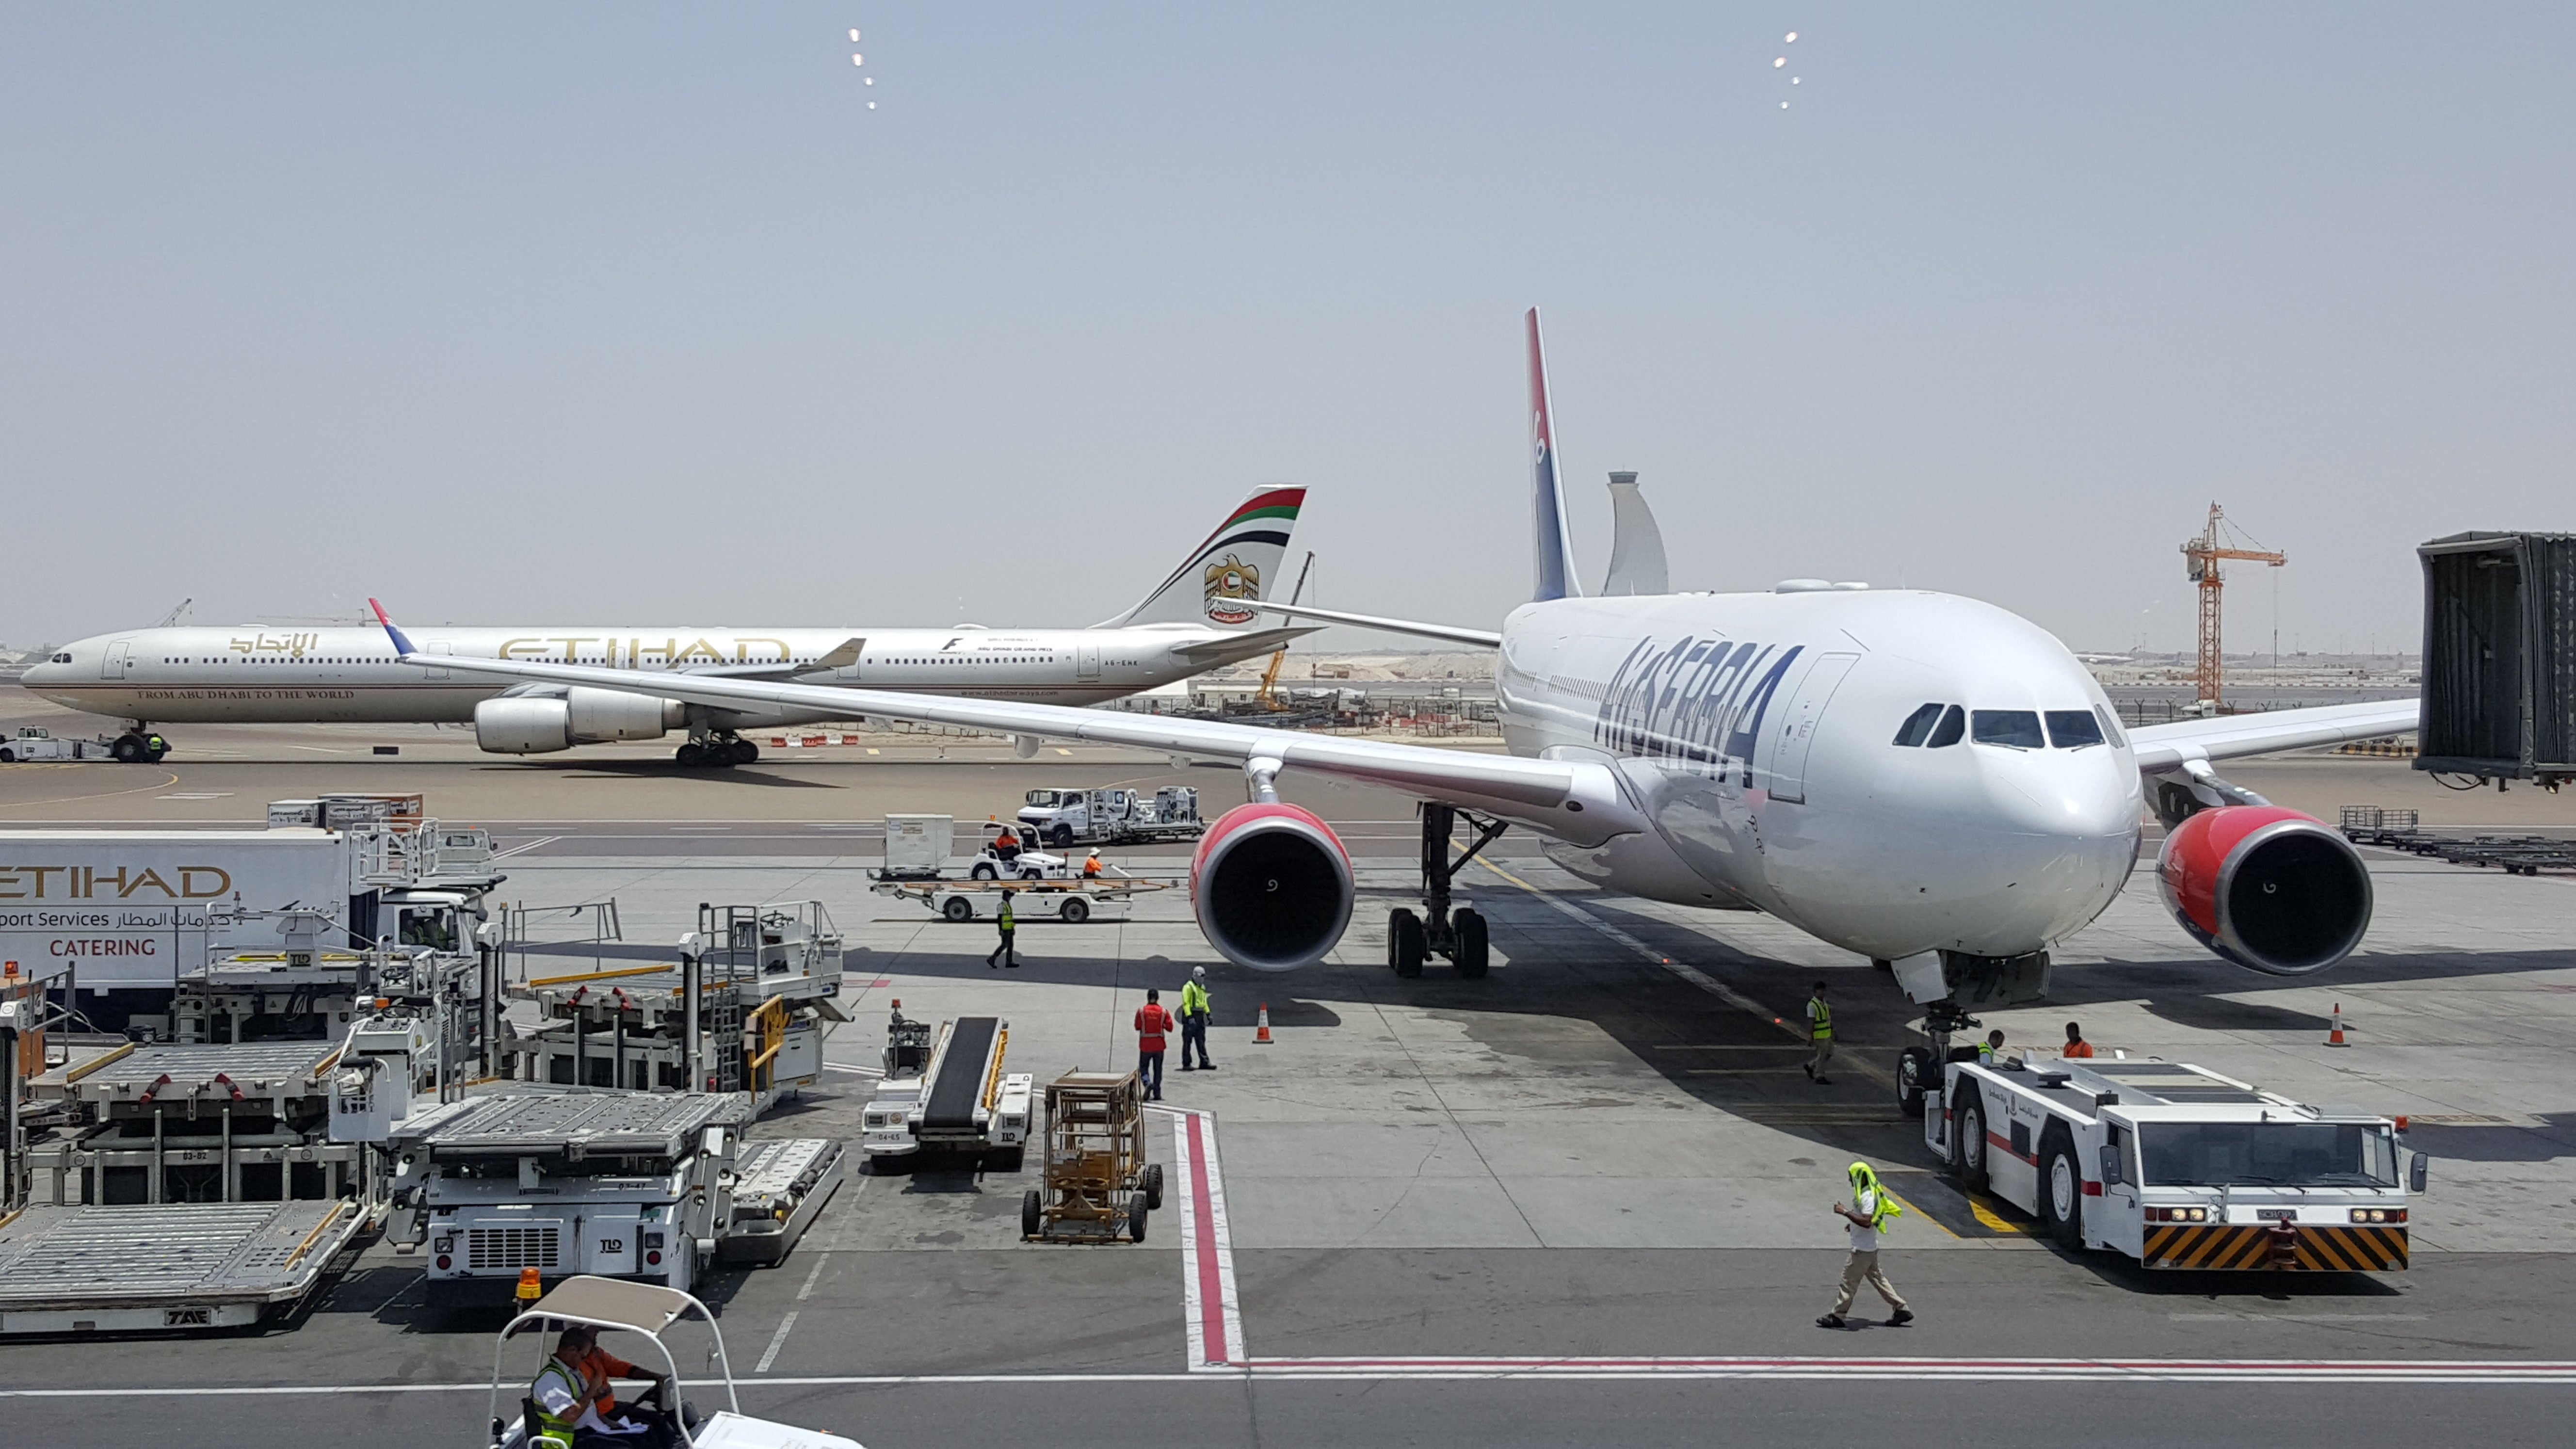 Air Serbia neće biti jedini plen Etihada u regiji? Foto: Petar Vojinović